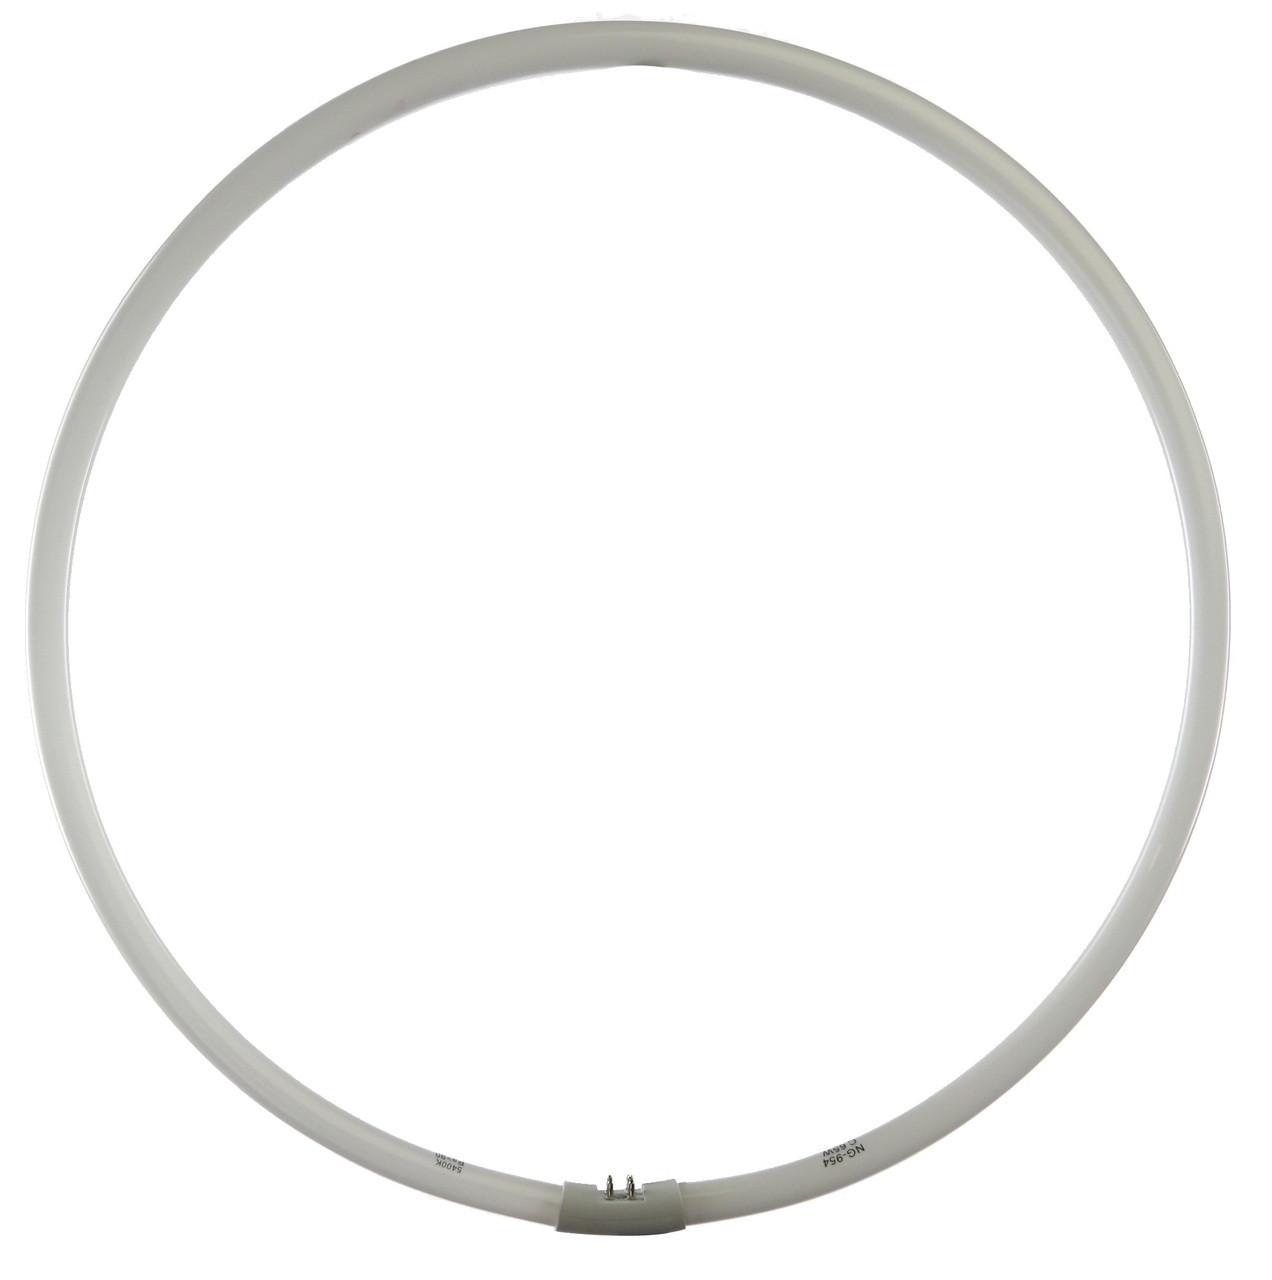 Diva Ring Light Replacement Bulb For Nova Series 5400k